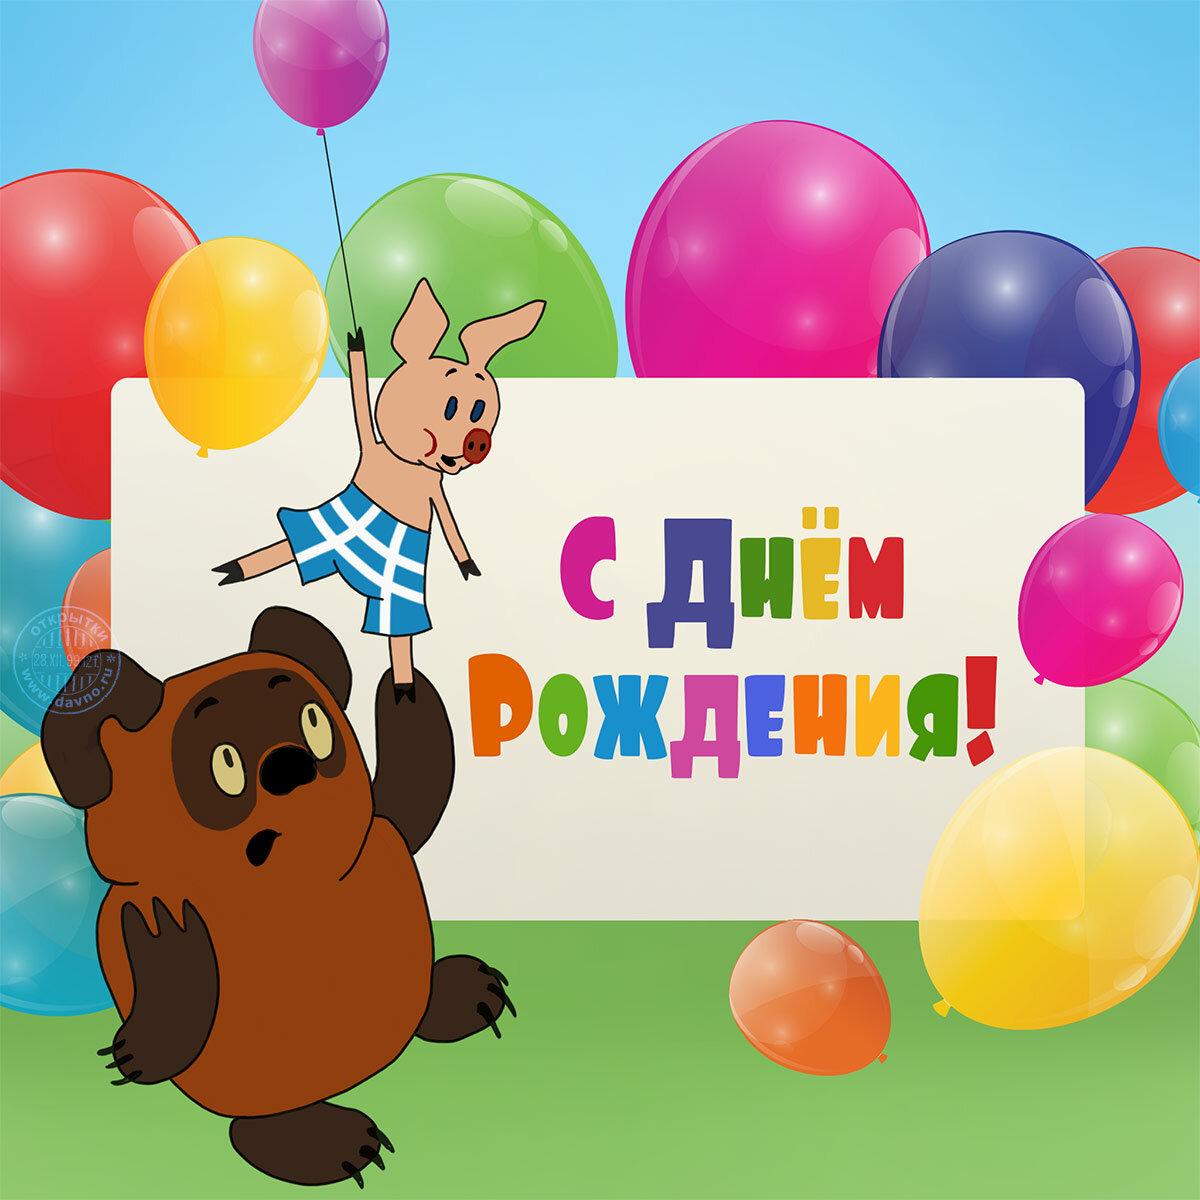 открытки с днем рождения ильдарчик соседей эмма сити